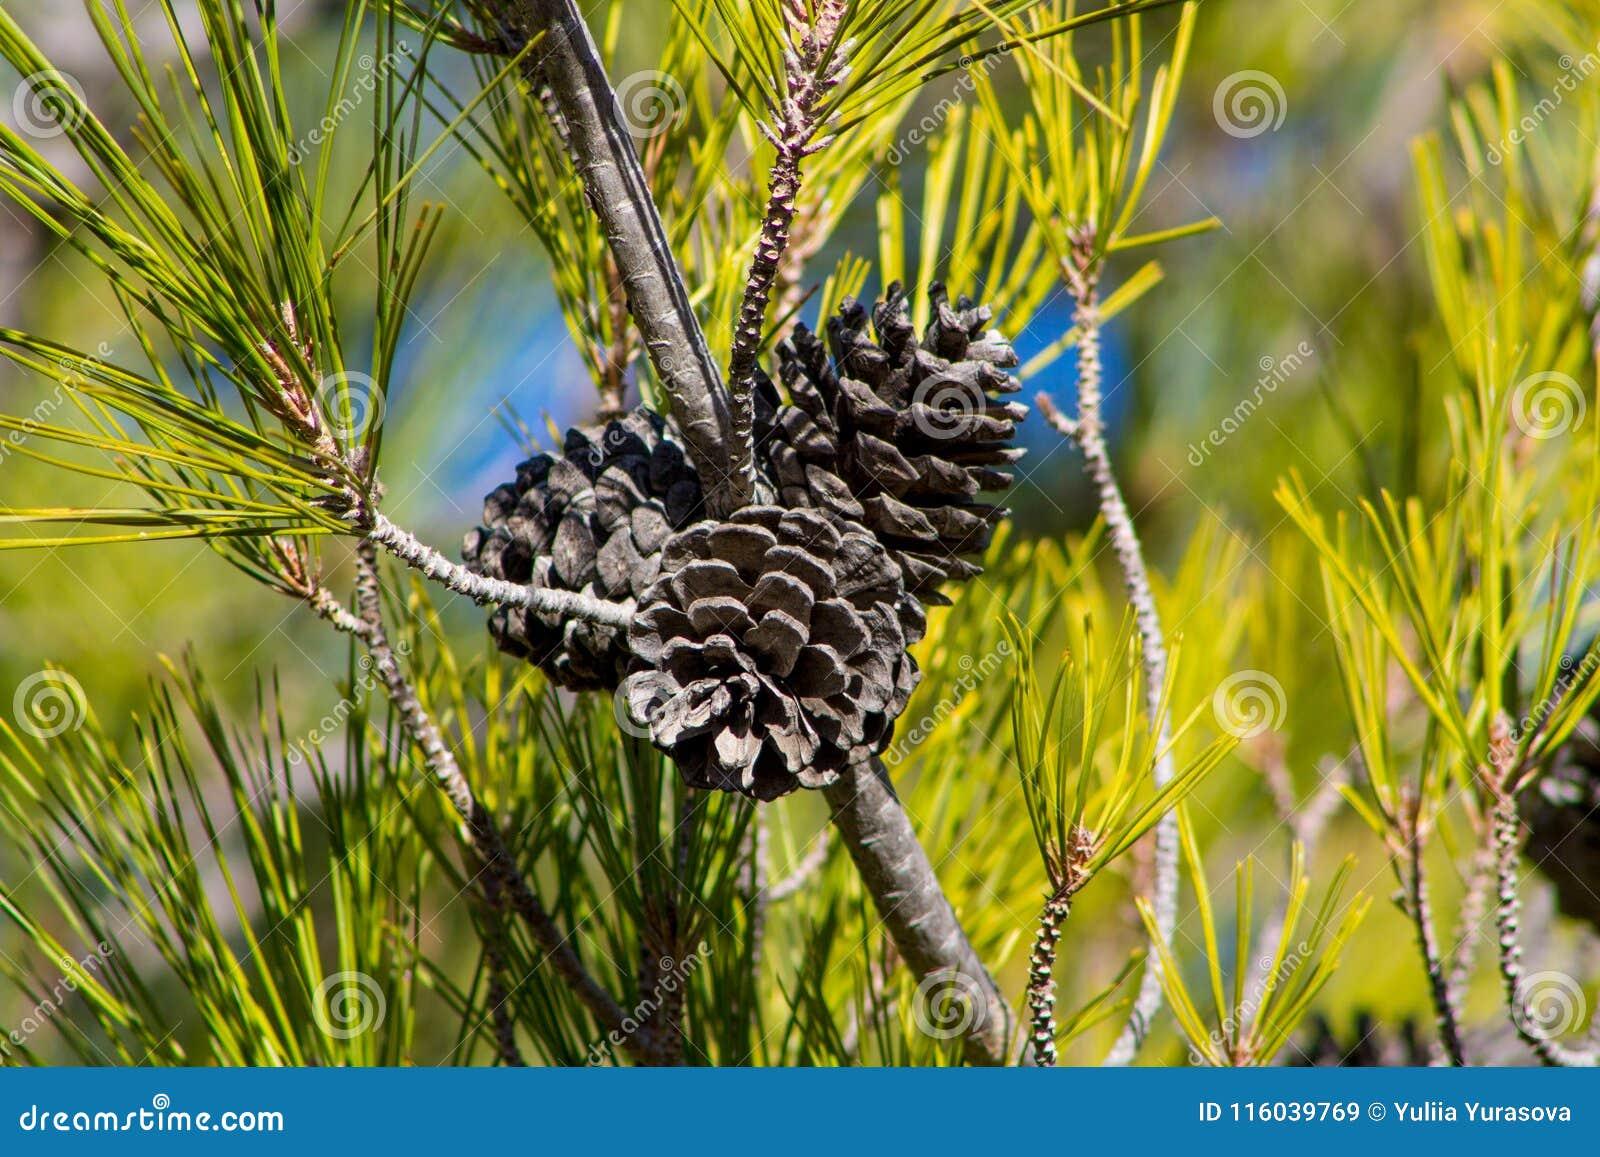 Ξηροί κώνοι πεύκων σε ένα δέντρο πεύκων στο άγριο δάσος